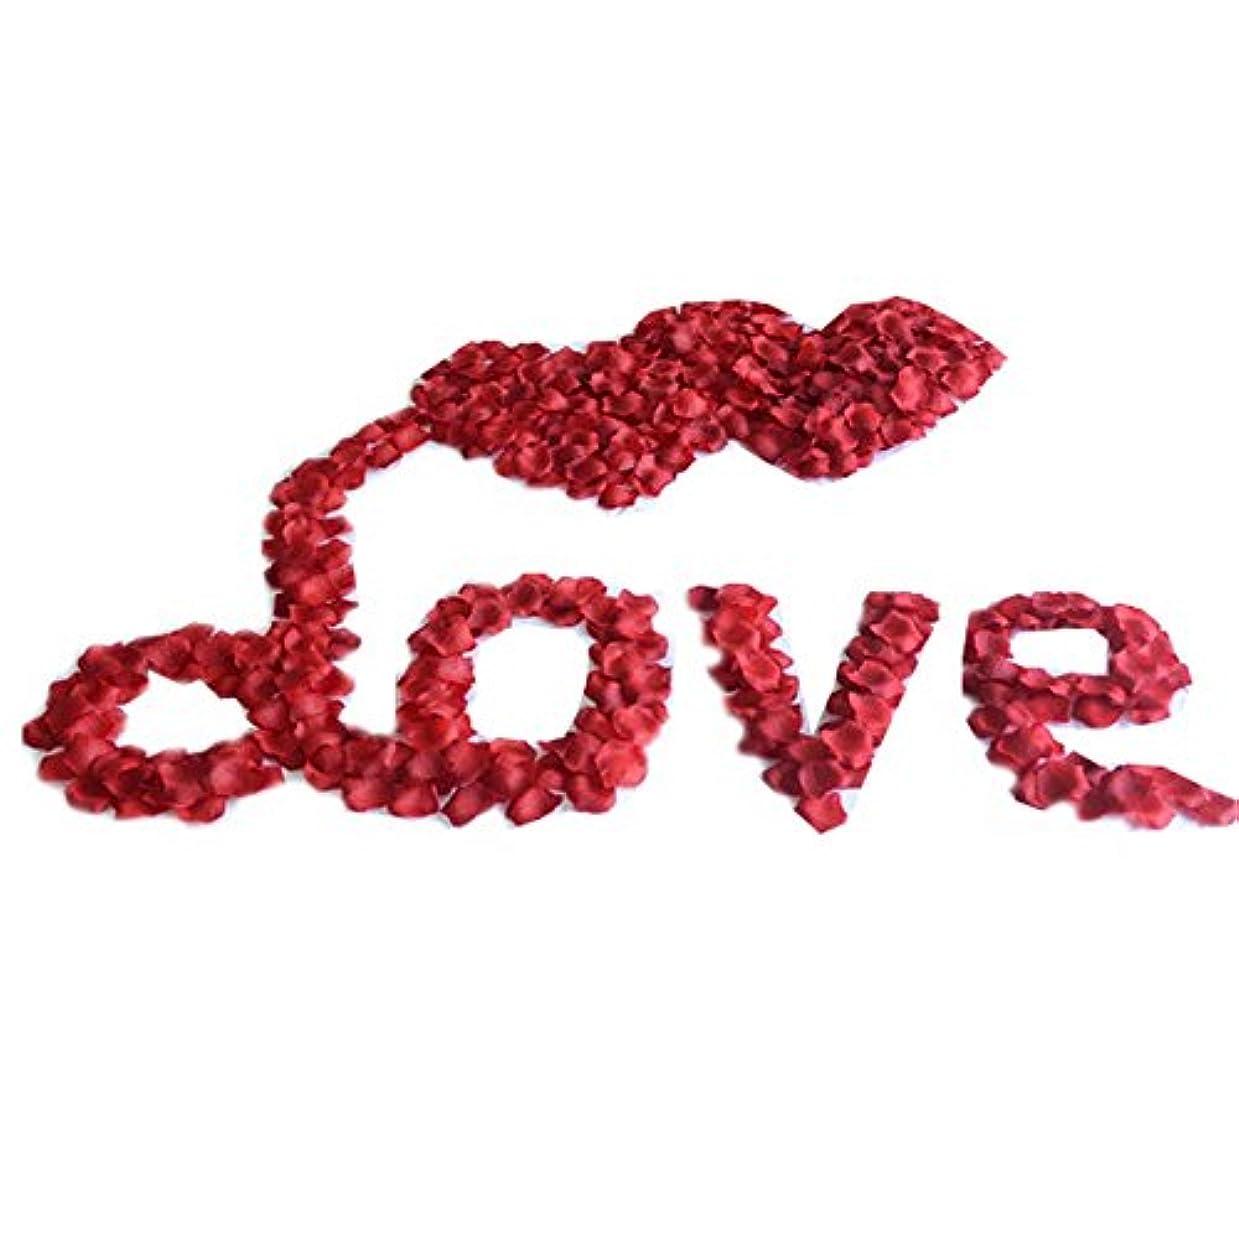 スタッフメディック赤字結婚式の装飾のための人工のバラの花びらのセット